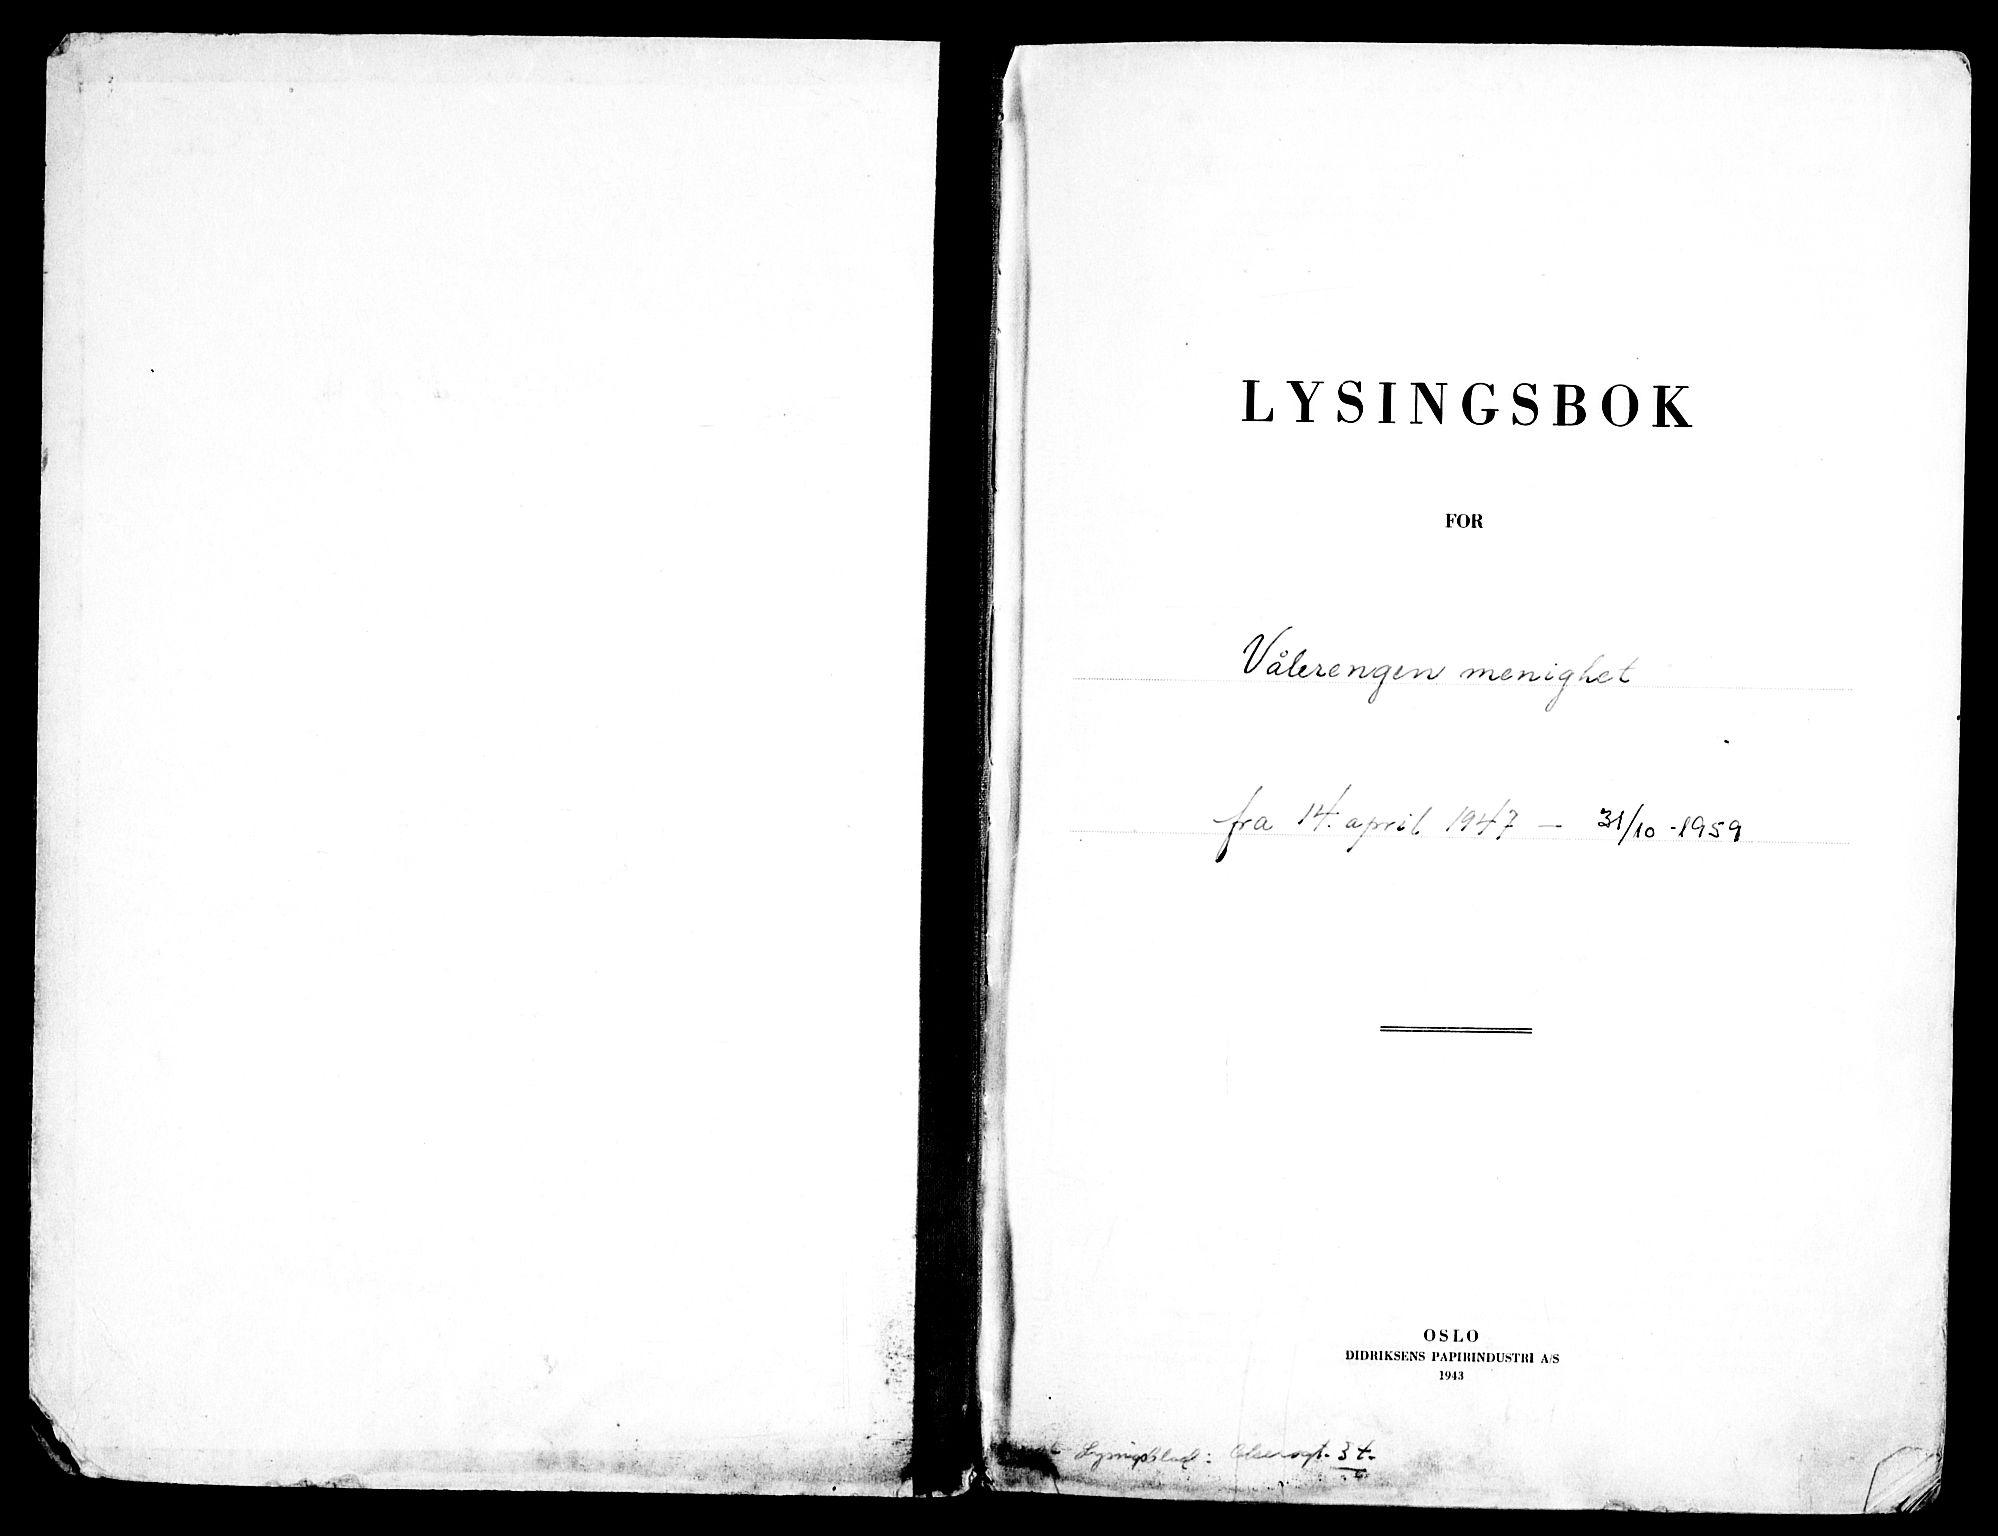 SAO, Vålerengen prestekontor Kirkebøker, H/Ha/L0005: Lysningsprotokoll nr. 5, 1947-1959